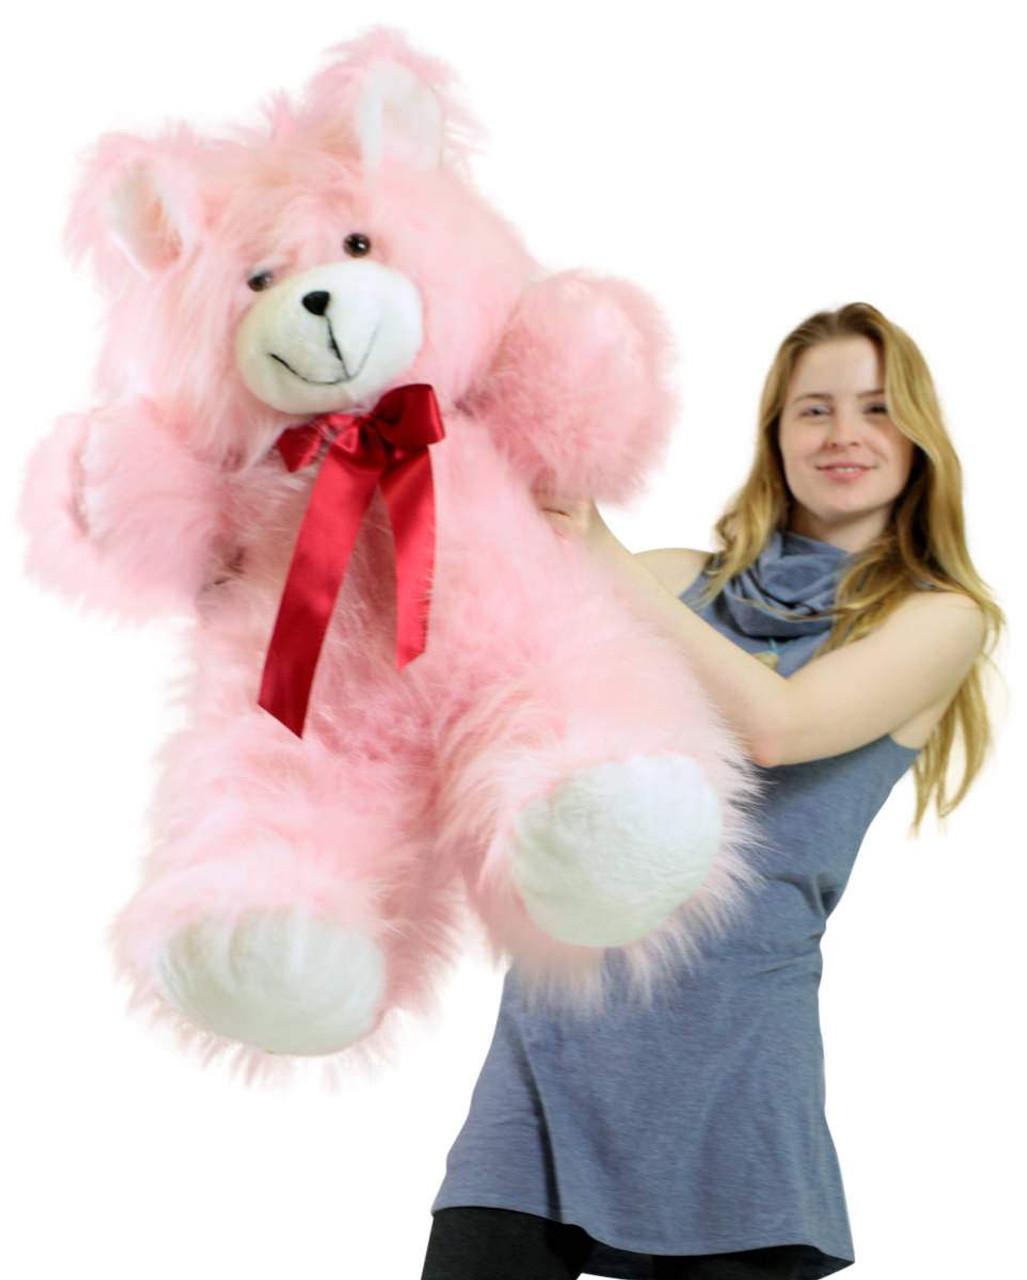 4b8b85c1675 ... American Made Giant Pink Teddy Bear 36 Inch Soft 3 Foot Teddybear ...